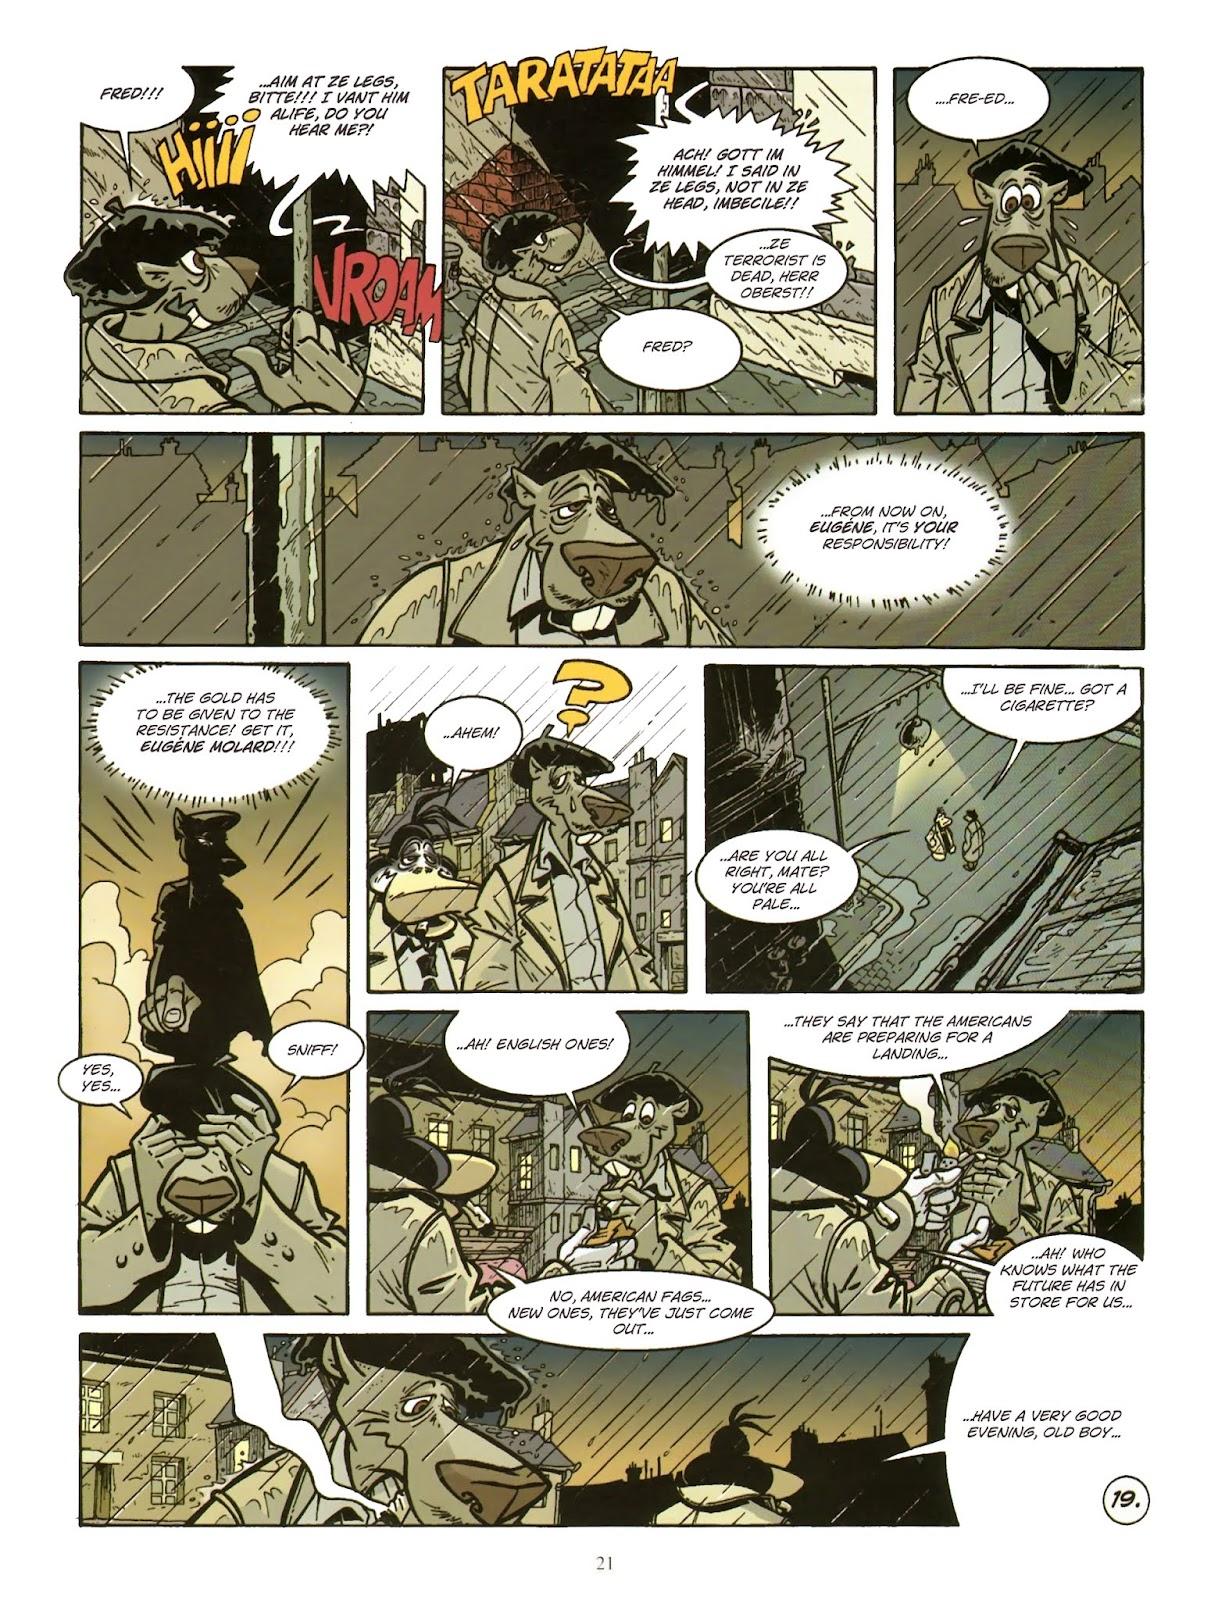 Une enquête de l'inspecteur Canardo issue 11 - Page 22